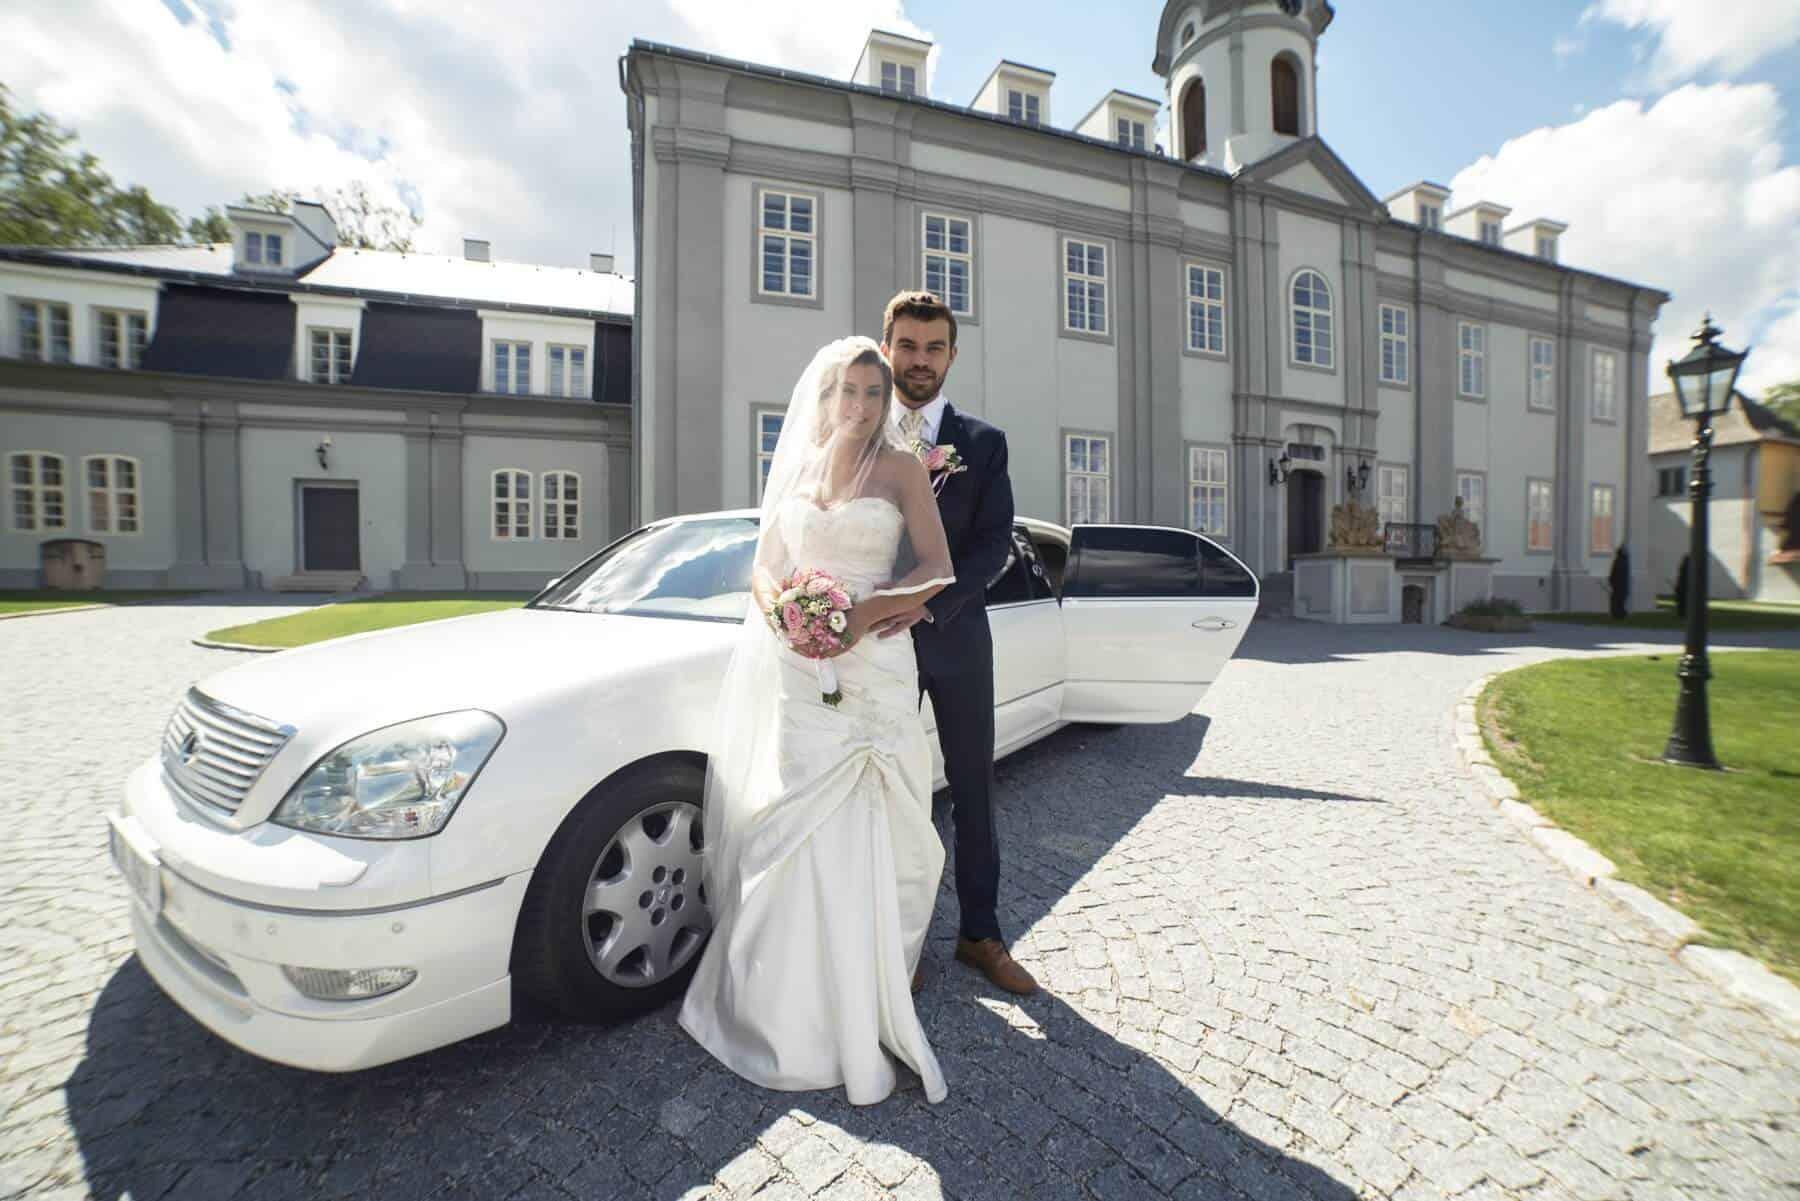 Zámecký Hotel Panství Dlouhá Lhota - novomanželé u auta